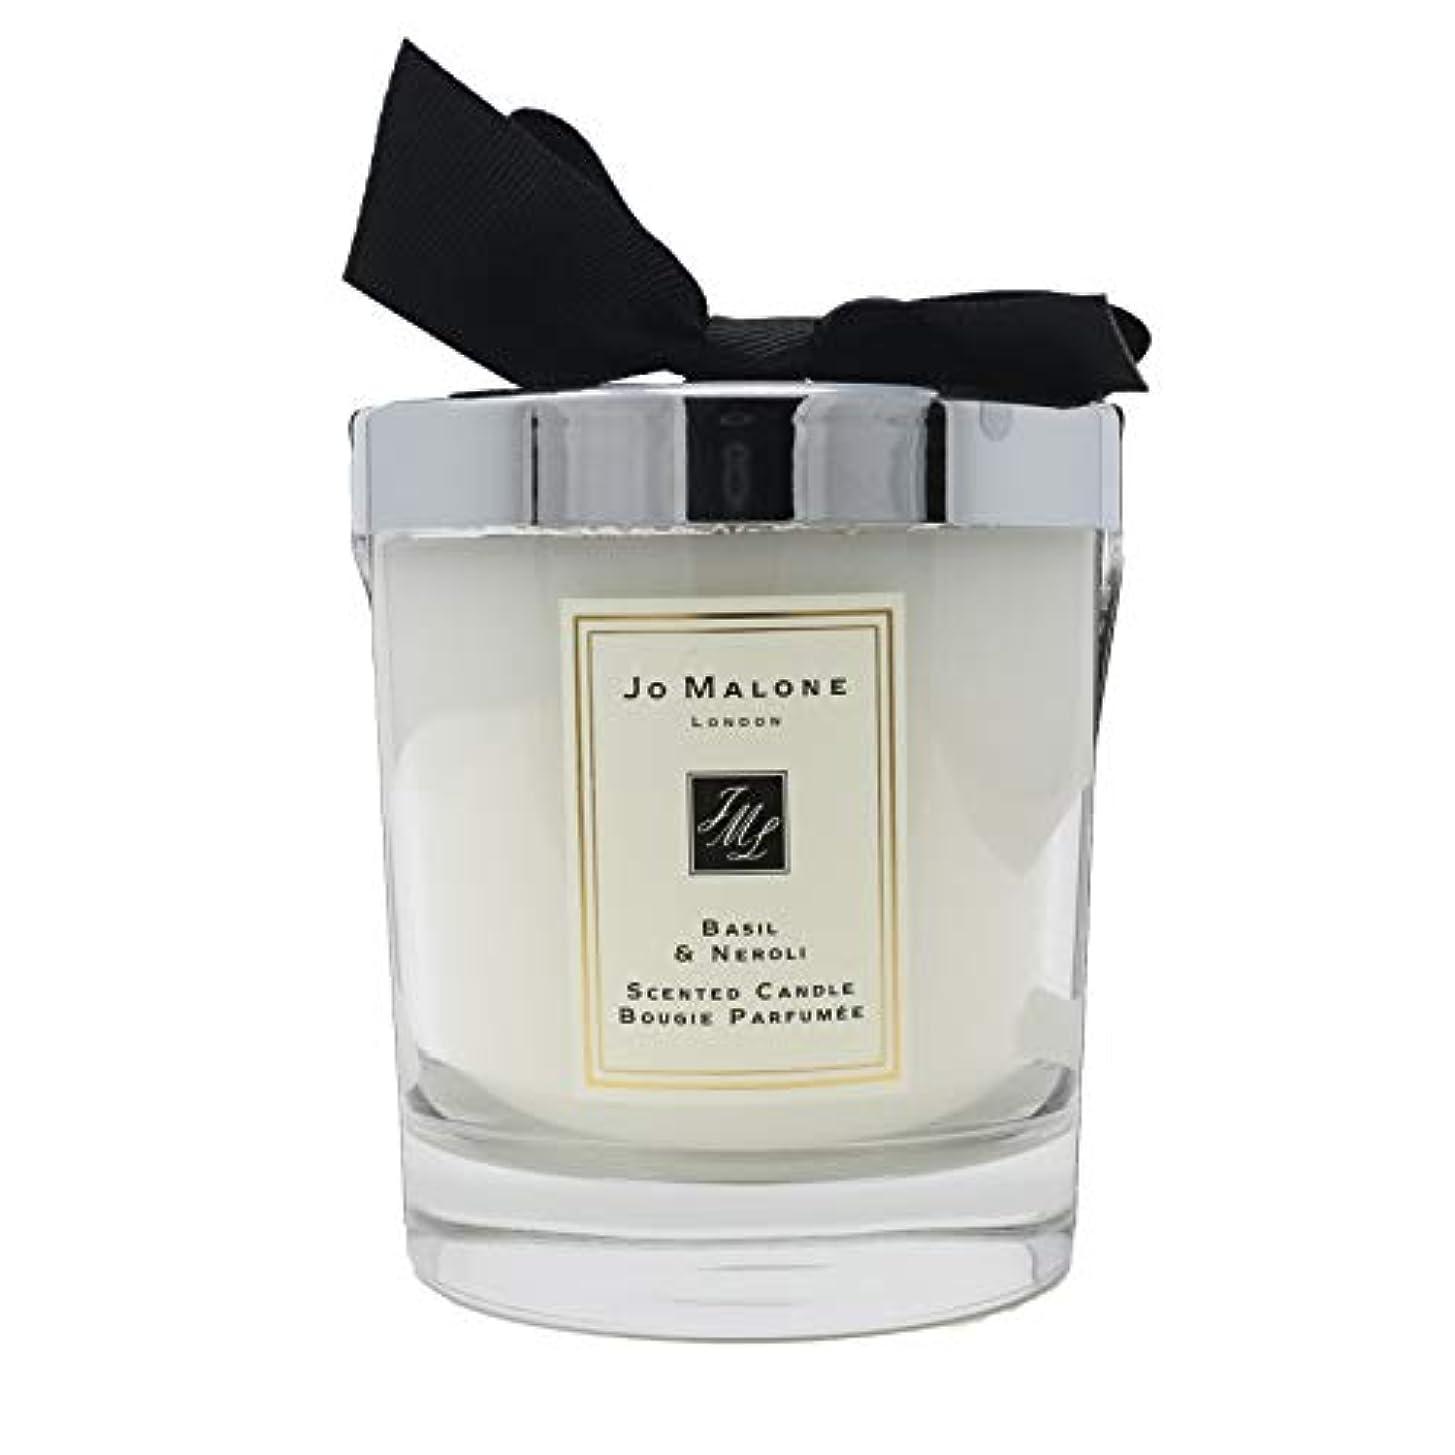 文明化する名前を作るレトルトJo Malone Basil &ネロリScented Candle 200 g ( 2.5インチ)